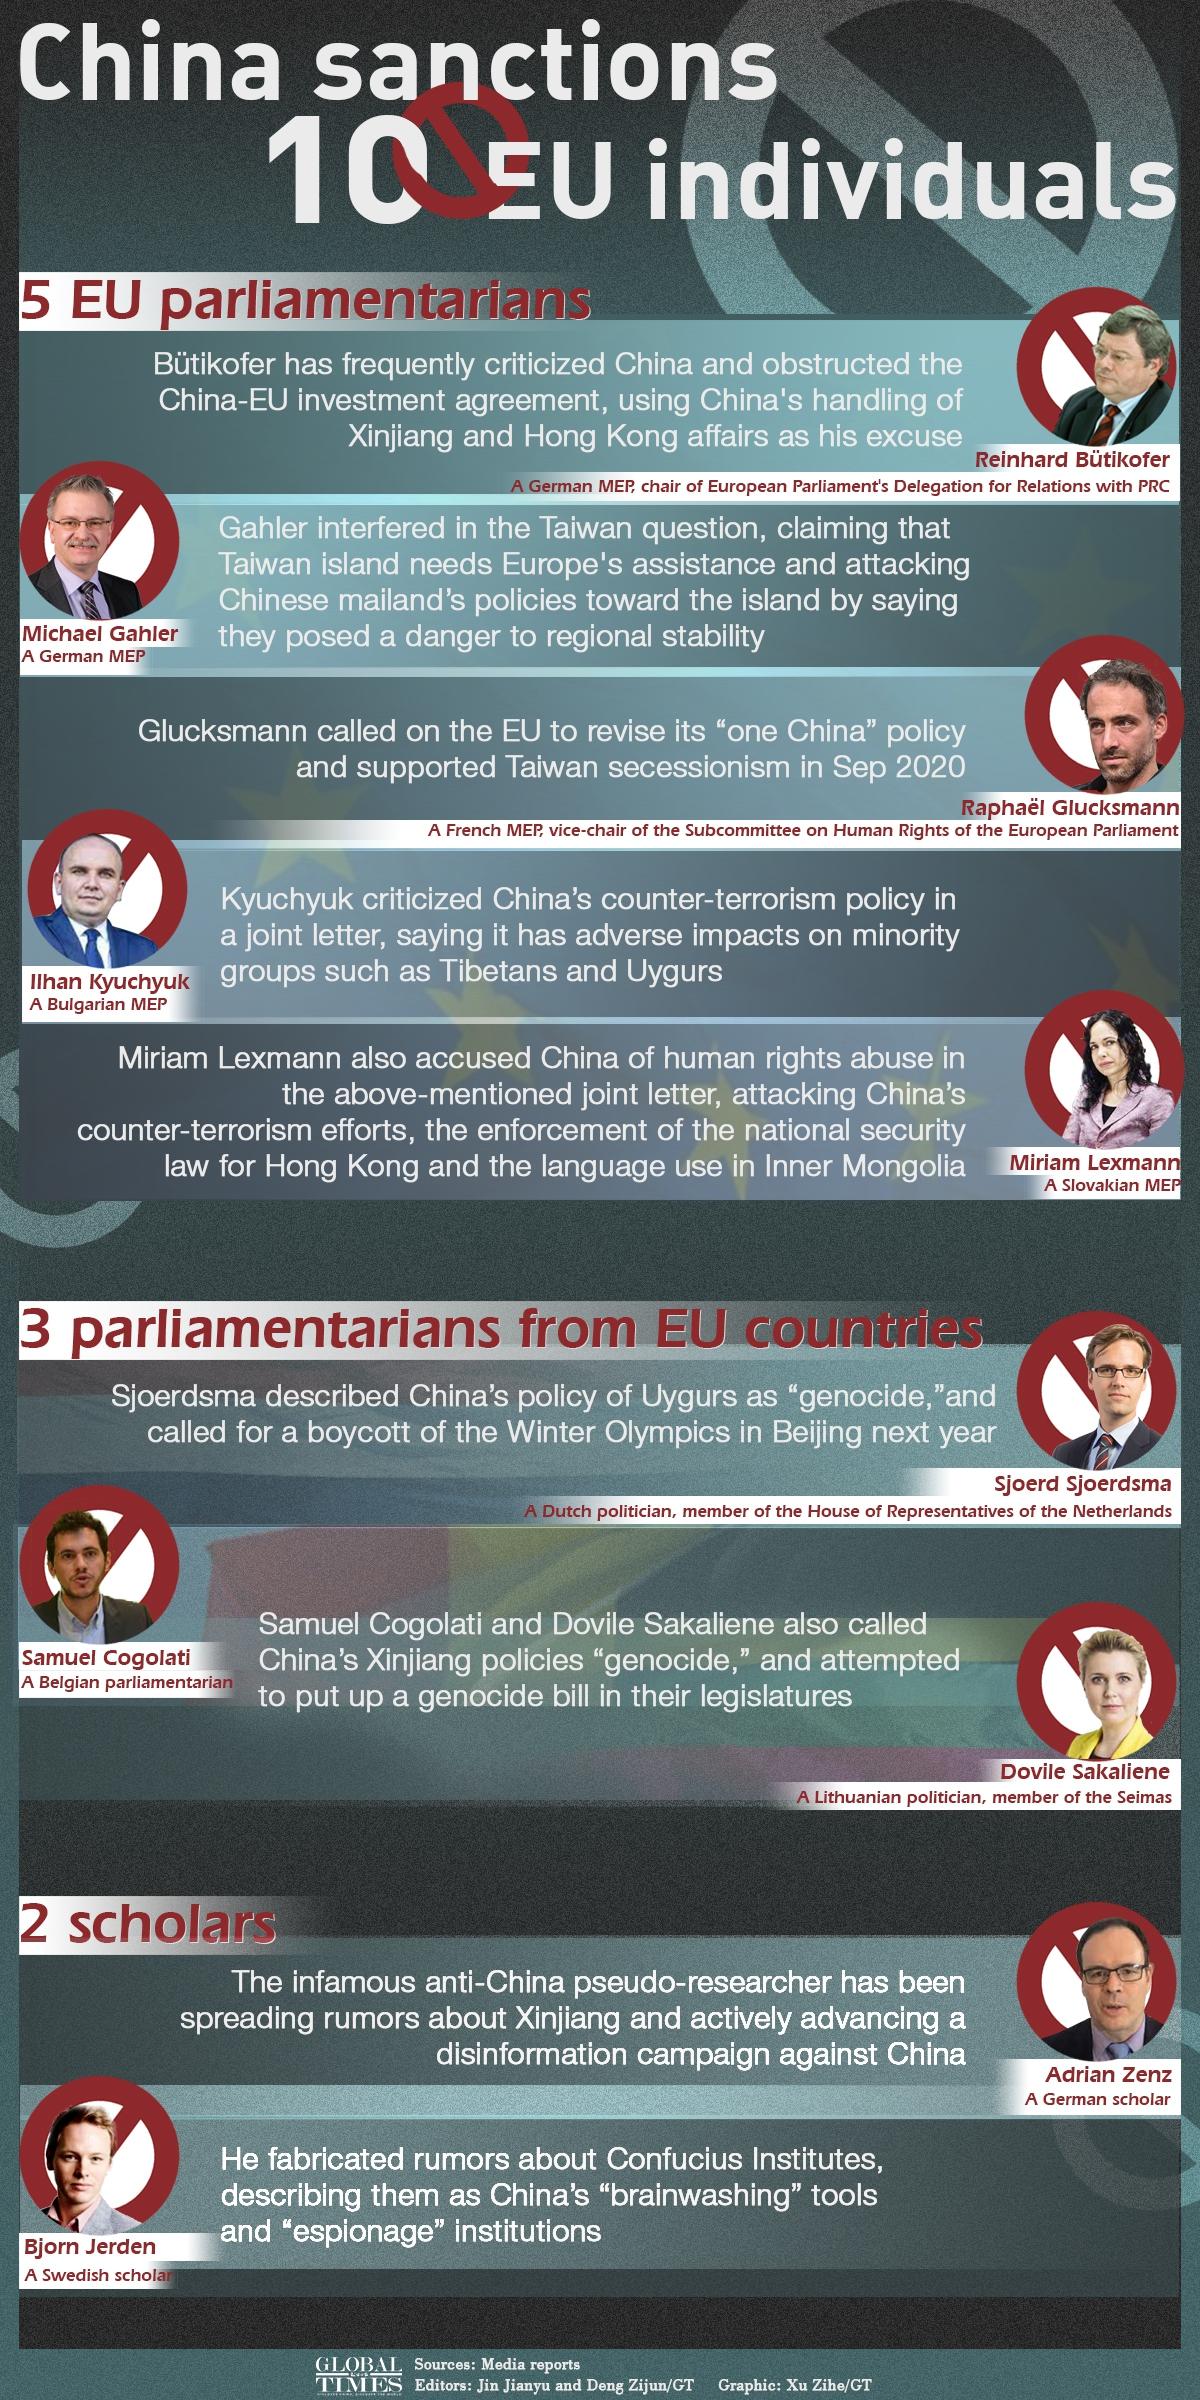 China sanctions 10 EU individuals Infographic: Xu Zihe/GT